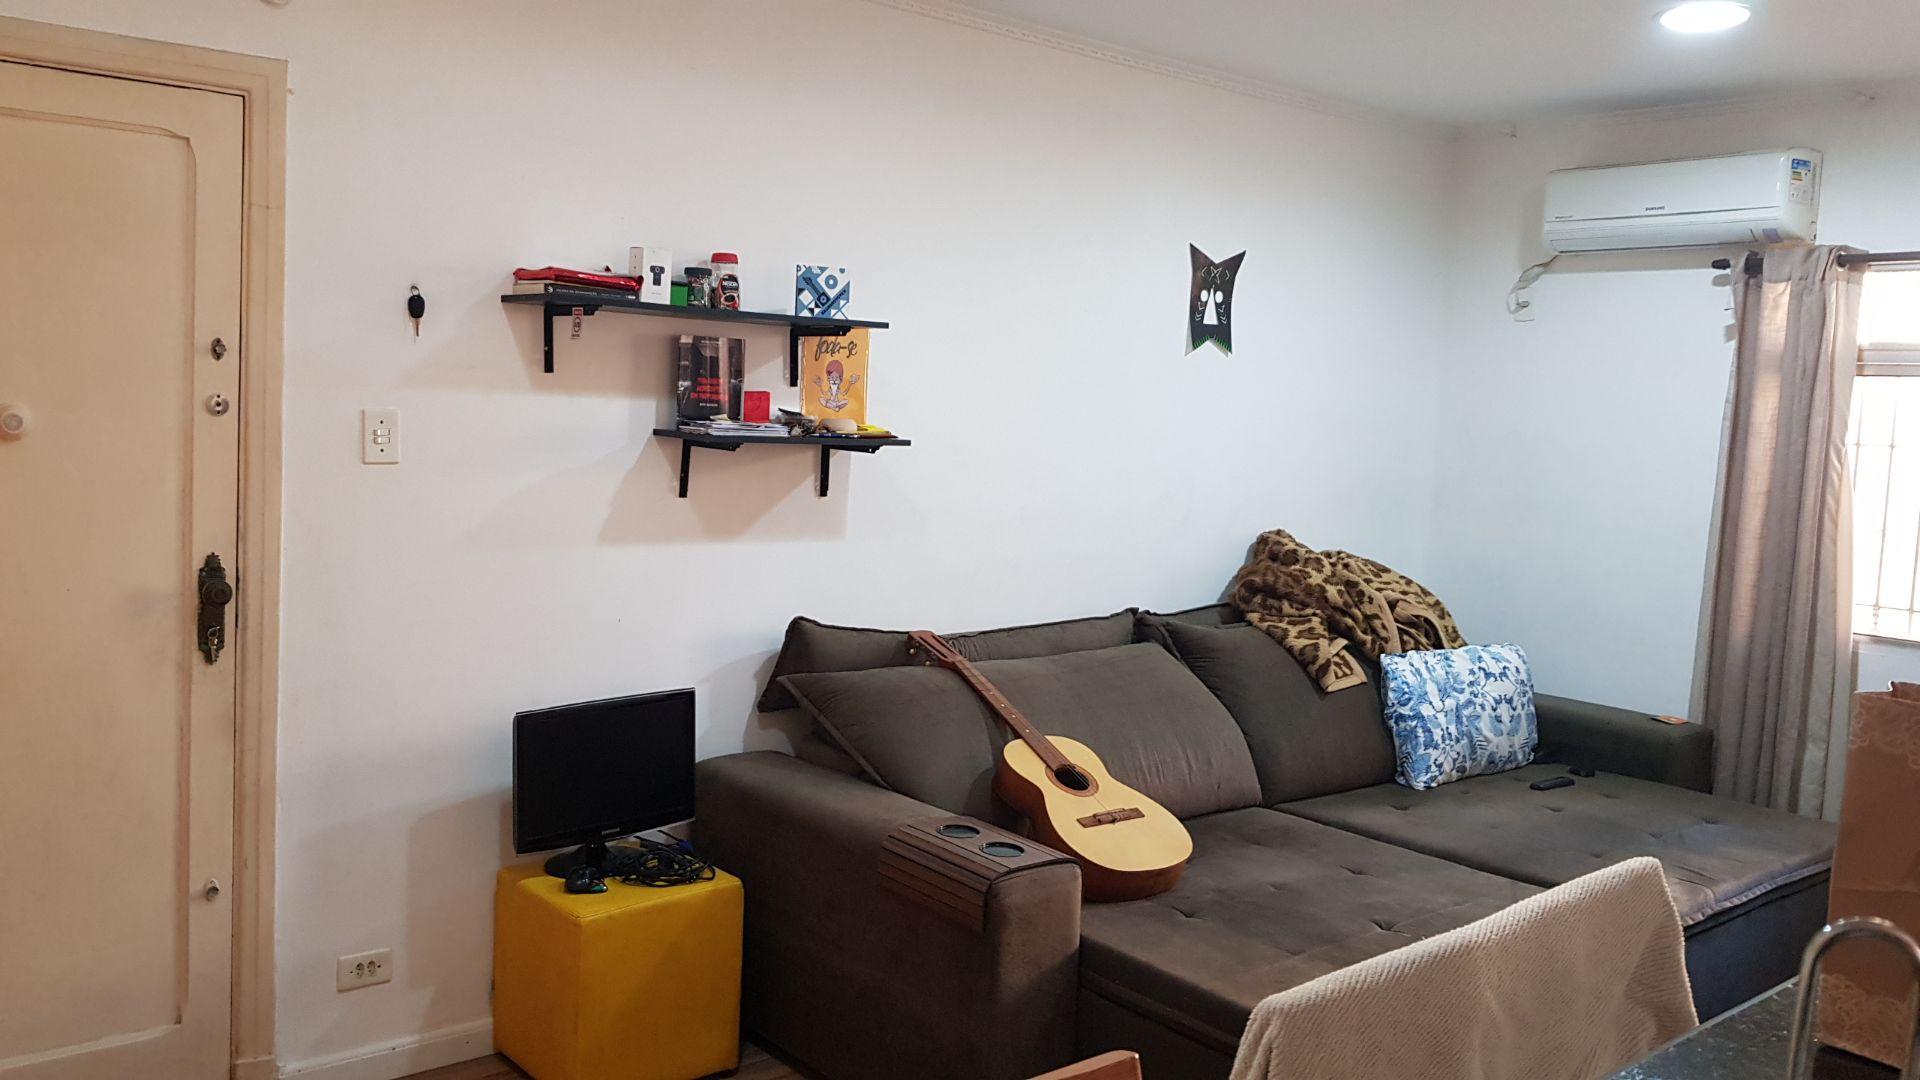 apartamento a venda no Gonzaga em santos térreo de 1 dormitório e garagem. - foto 3